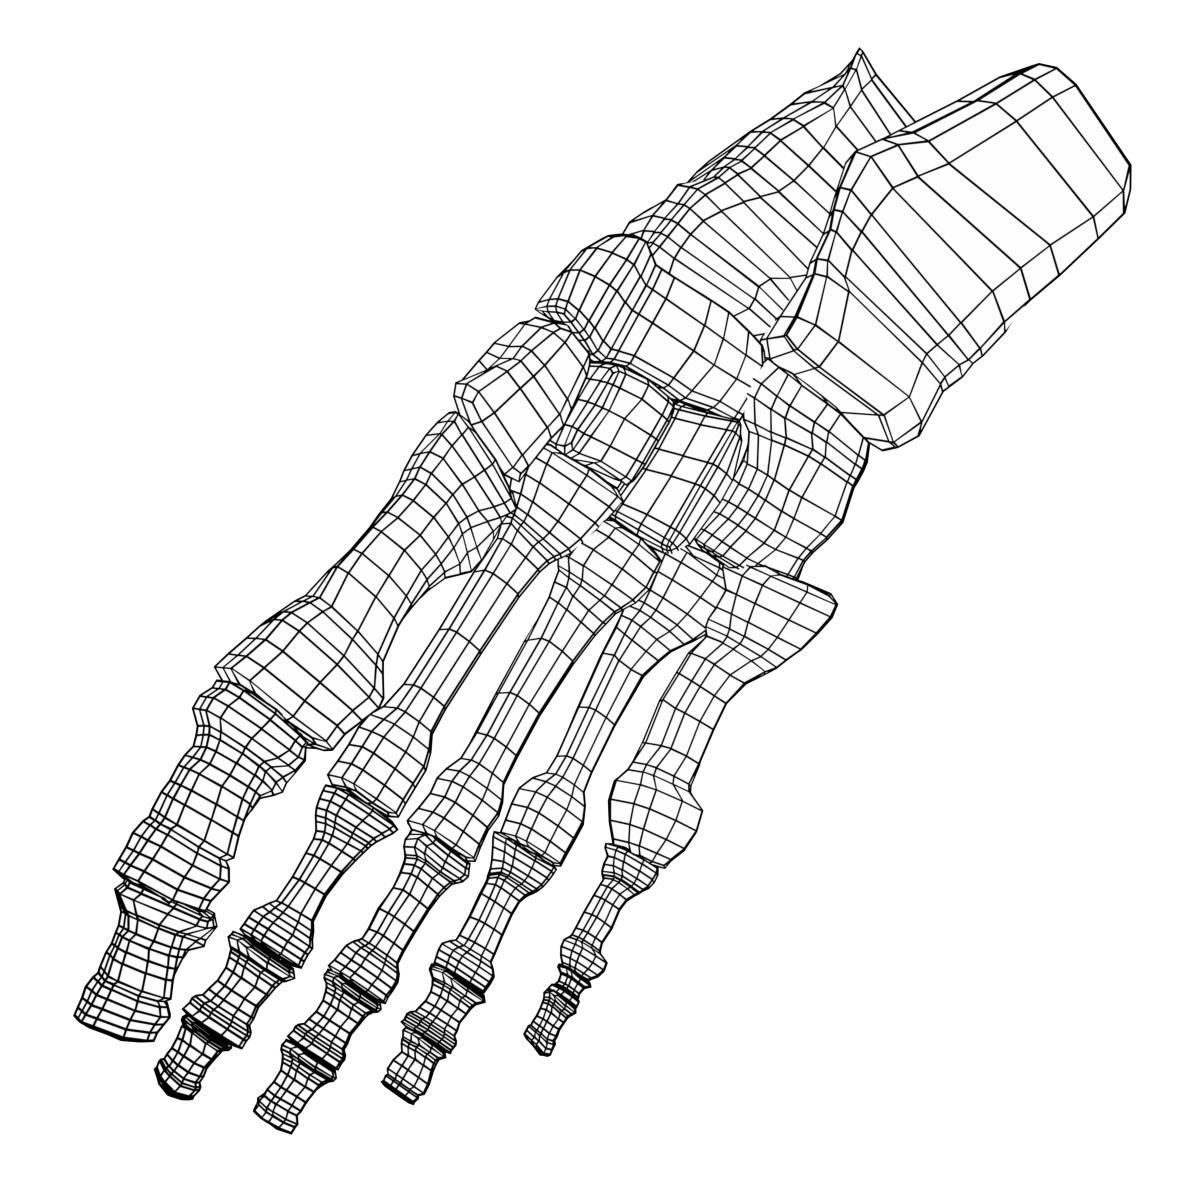 Skeleton Feet Drawing At Getdrawings